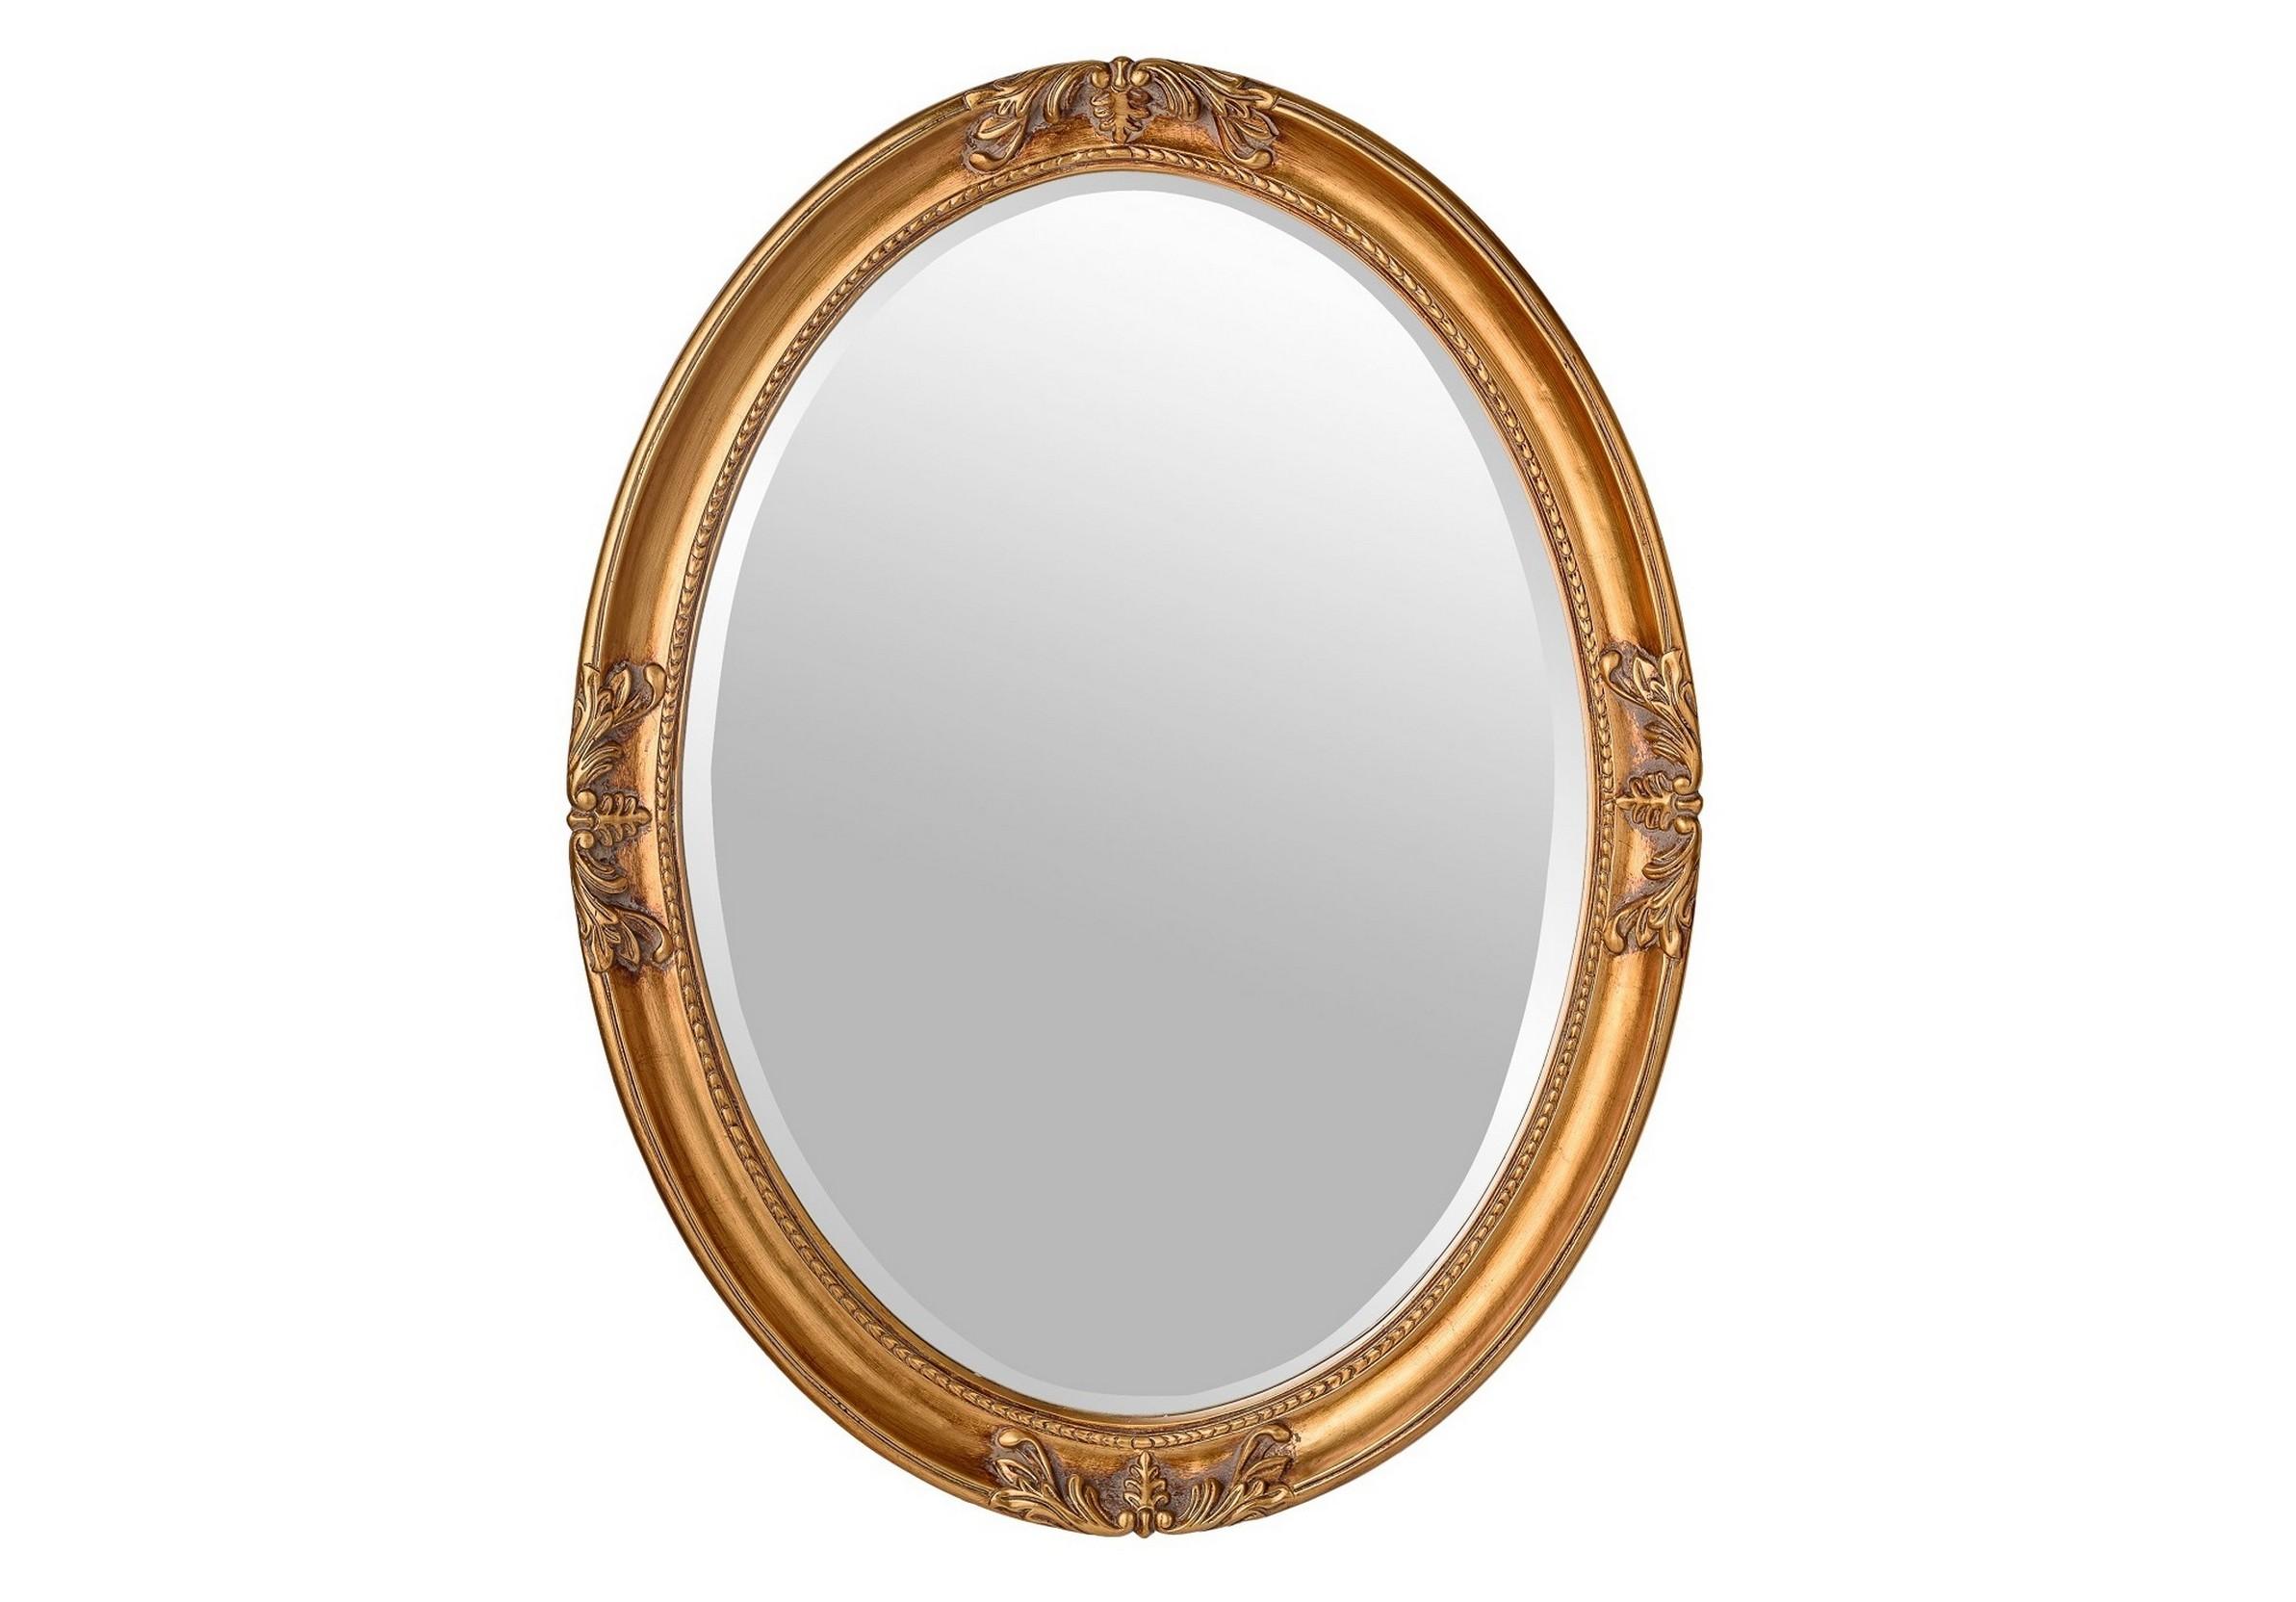 Зеркало Parigi GoldНастенные зеркала<br>Материал: Влагостойкое серебряное зеркало<br>Материал рамы: Полирезина<br>Цвет зеркала/рамы: Античное золото<br><br>Размер внешний, с рамой: 62*82 см<br>Размер зеркала без рамы: 49*68,5 см<br><br>Material: Пластик<br>Ширина см: 62.0<br>Высота см: 82.0<br>Глубина см: 5.0